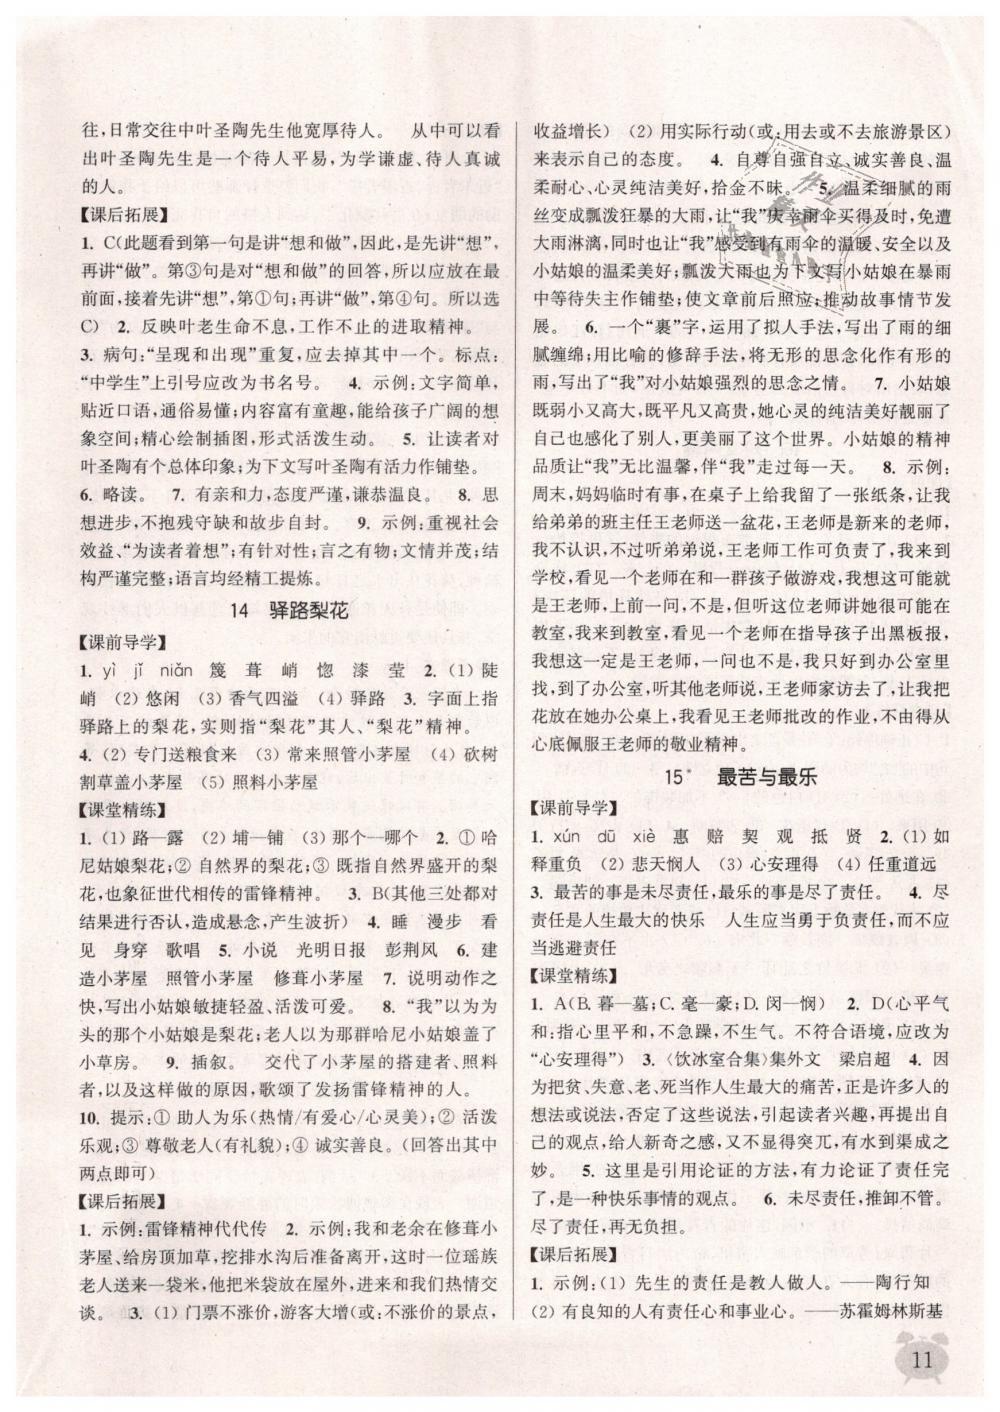 2019年通城学典课时作业本七年级语文下册人教版第11页